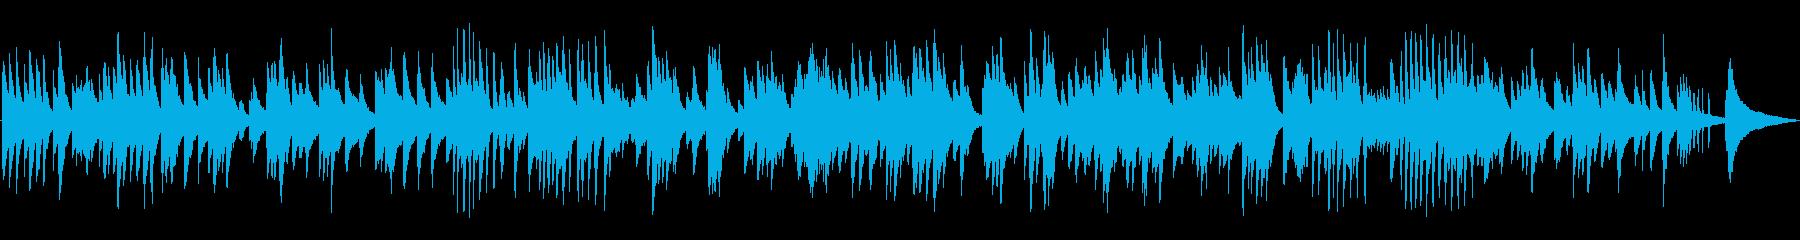 ゆったりとしたジャズラウンジピアノソロの再生済みの波形